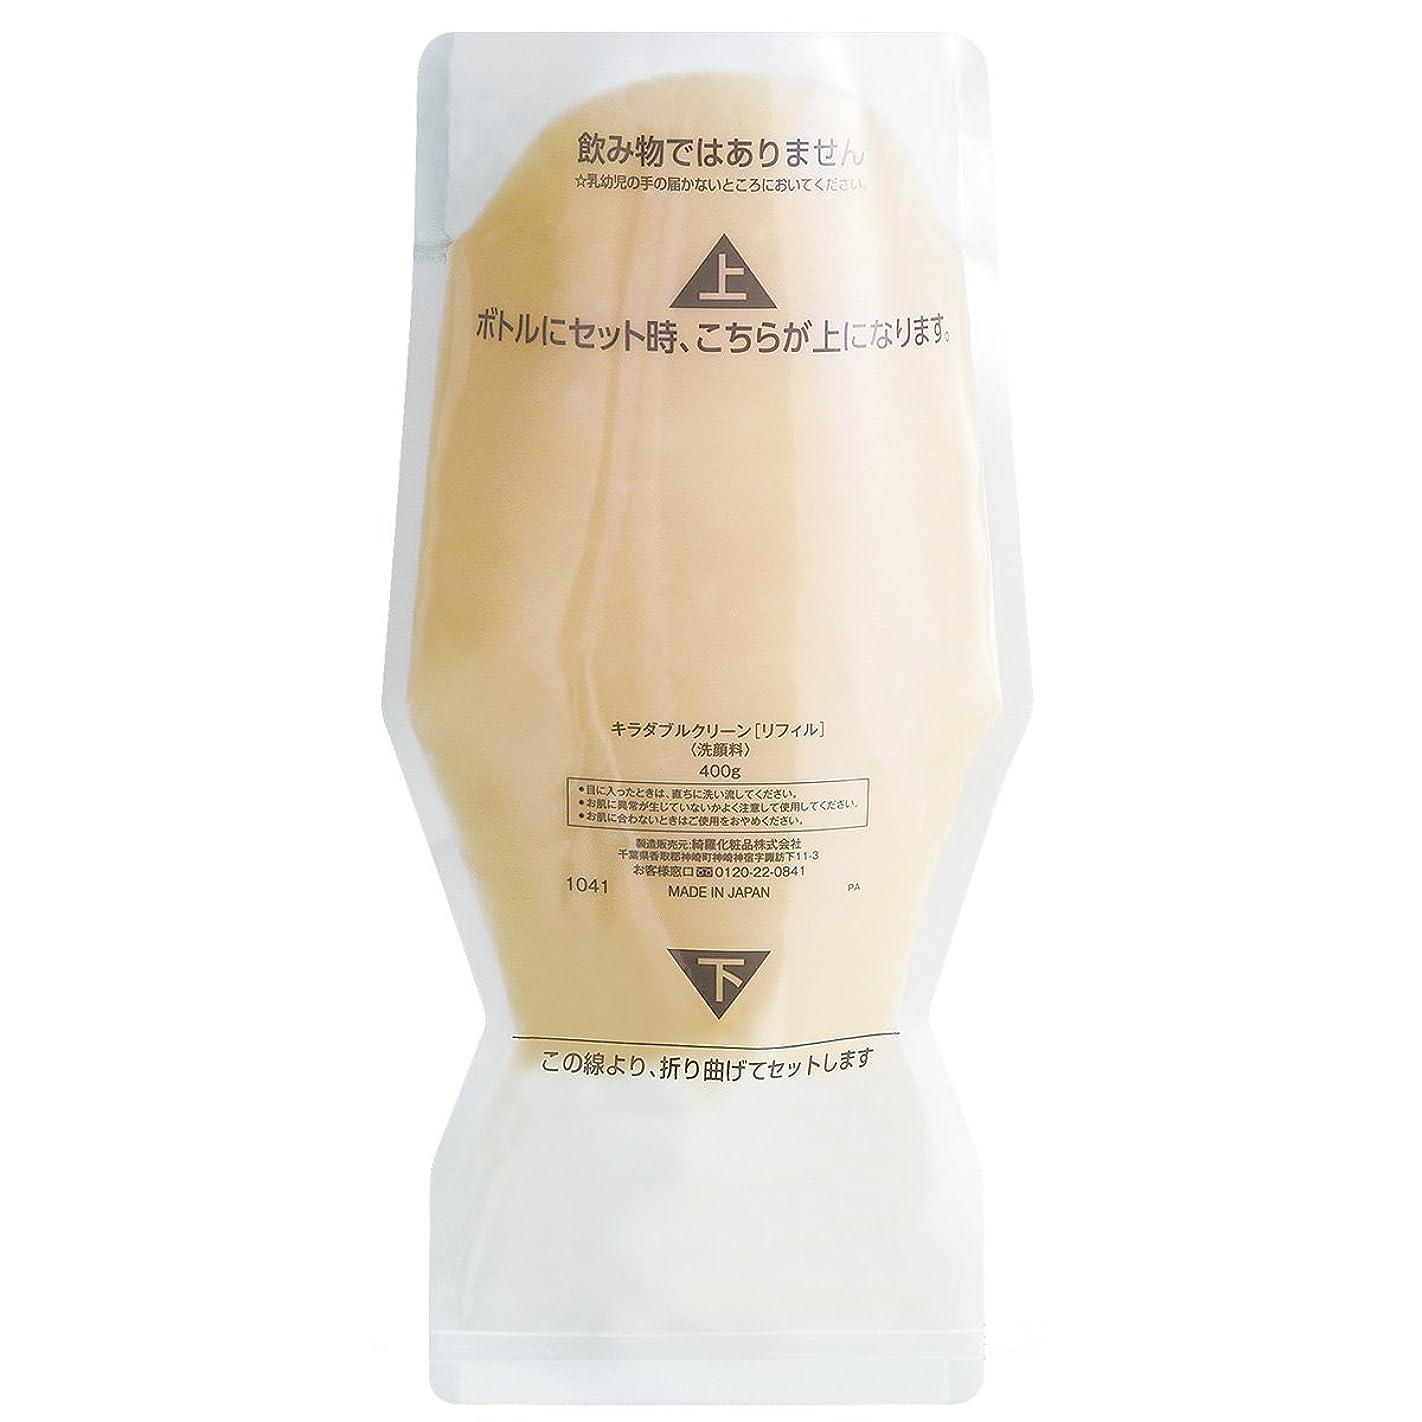 意味のある野な床を掃除する綺羅化粧品 ダブルクリーン 400g (洗顔料)